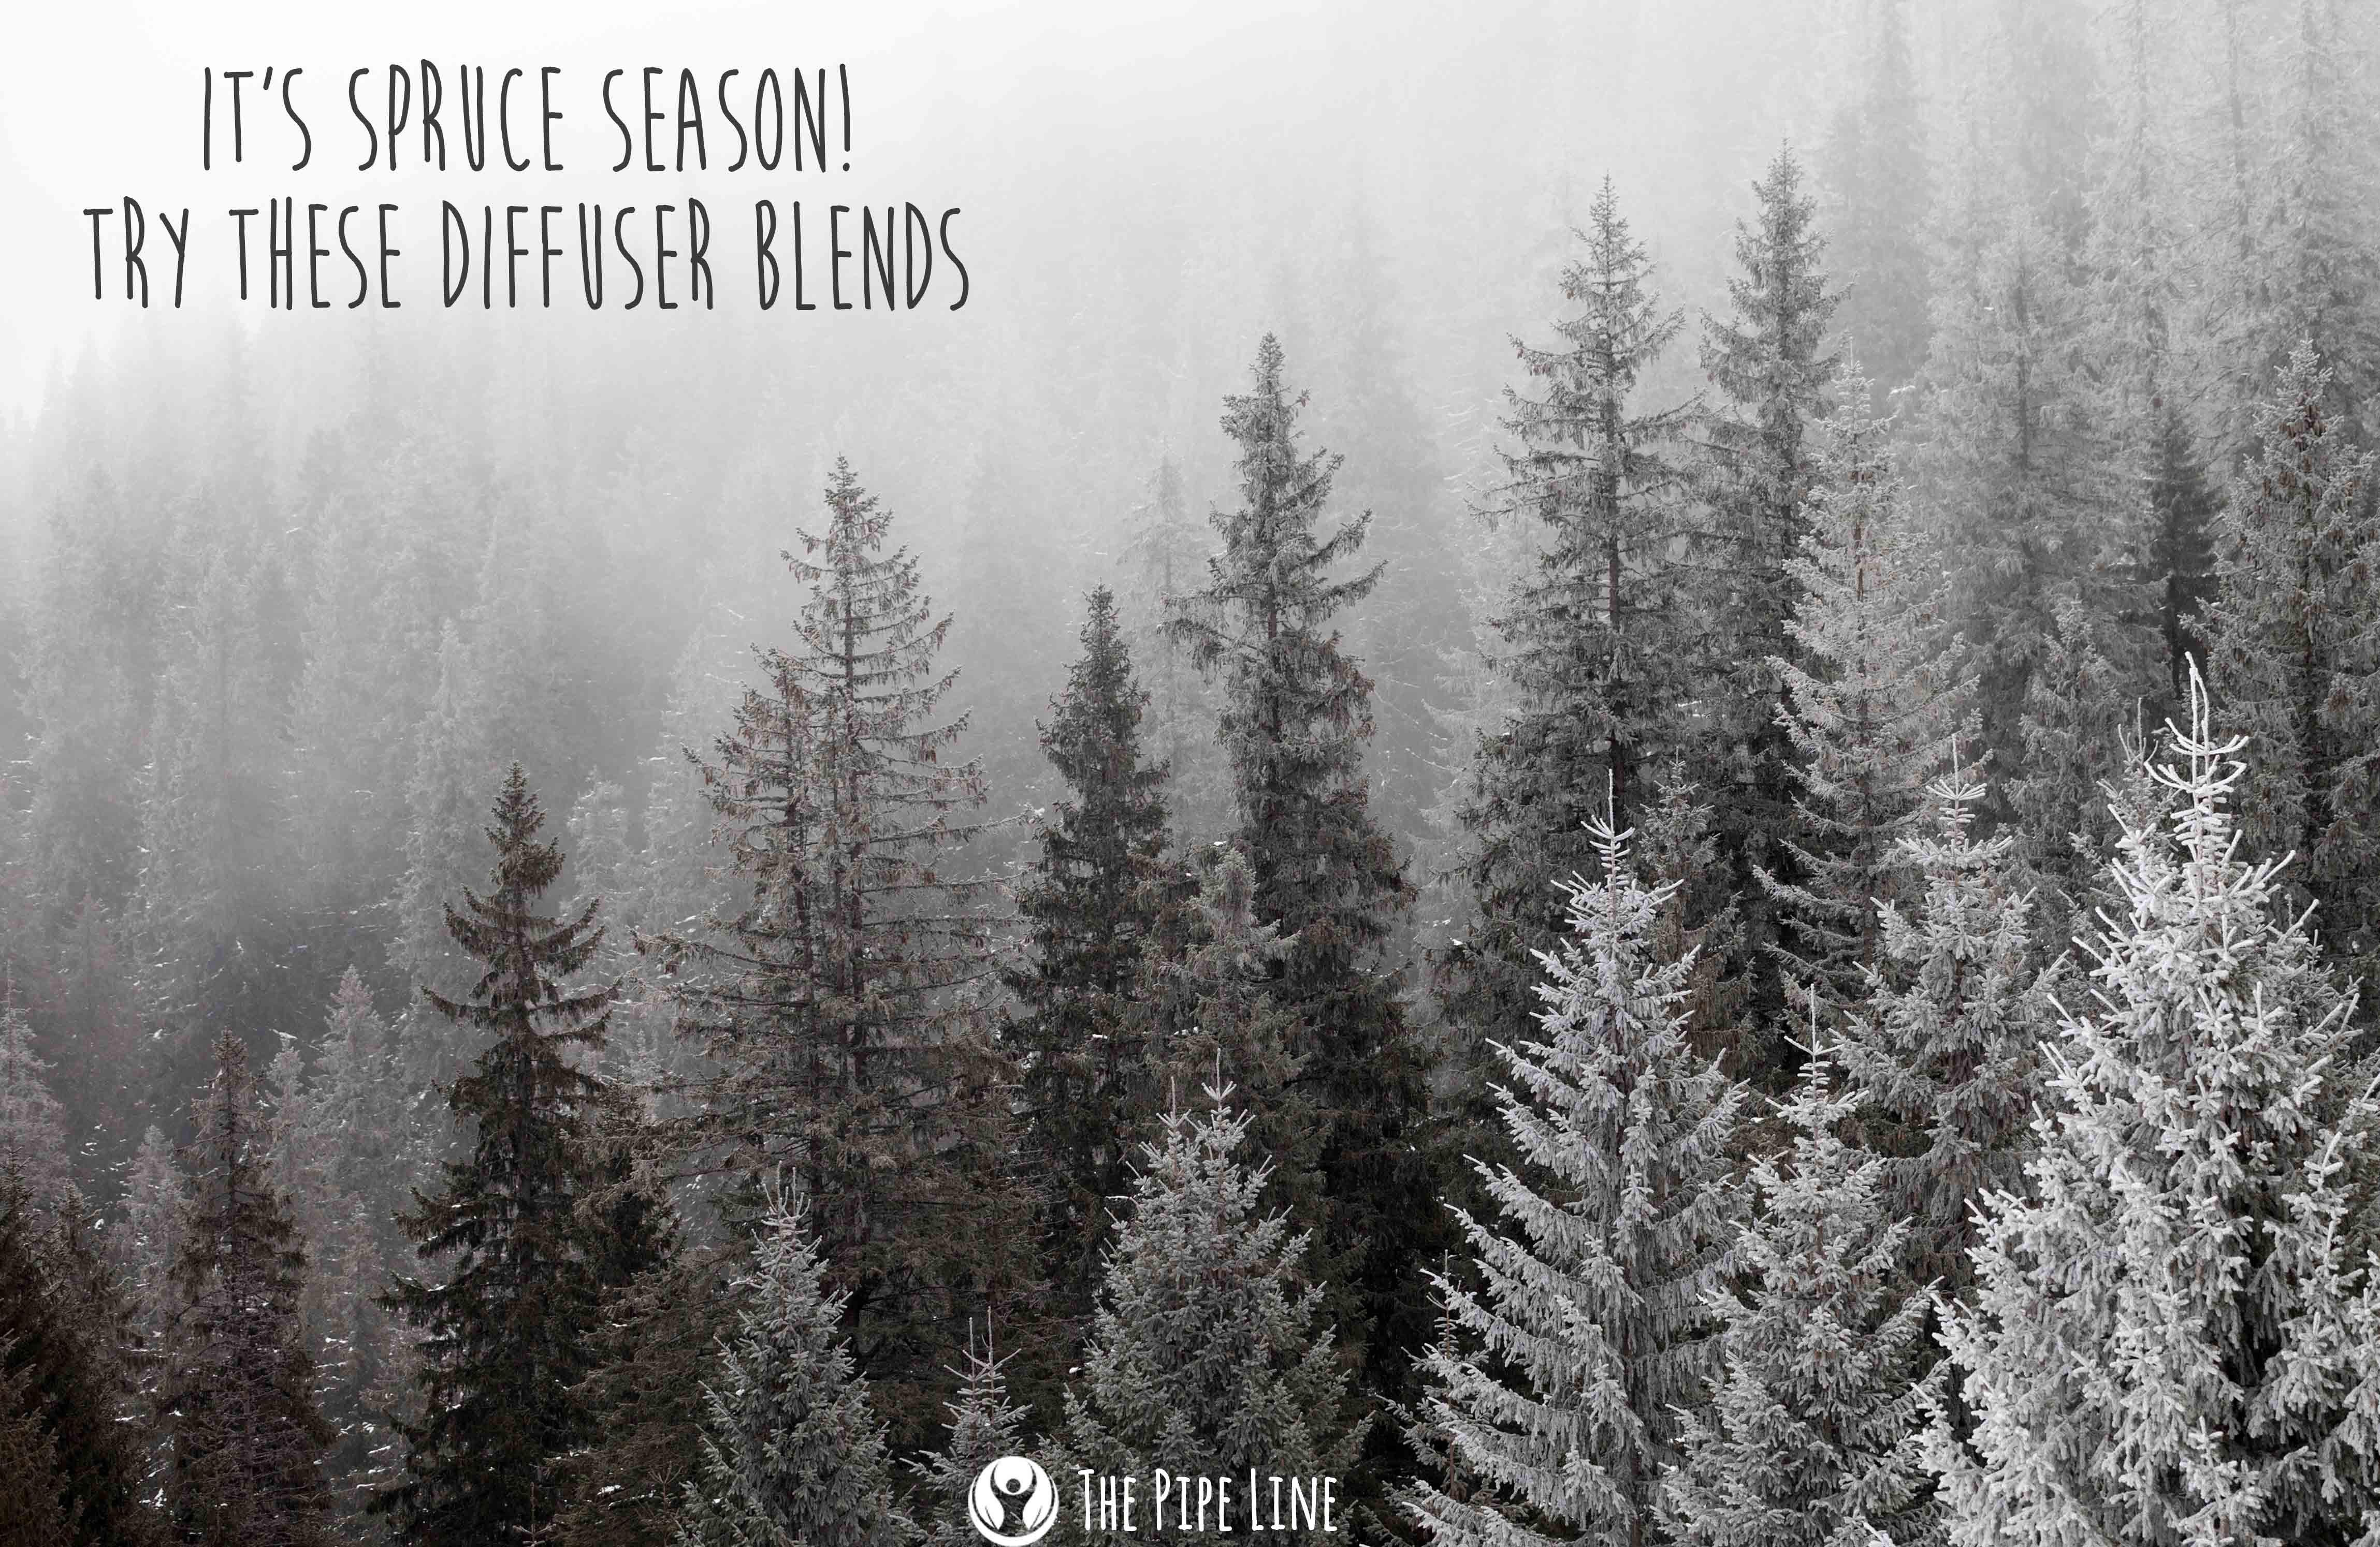 It's Spruce Season! Celebrate.